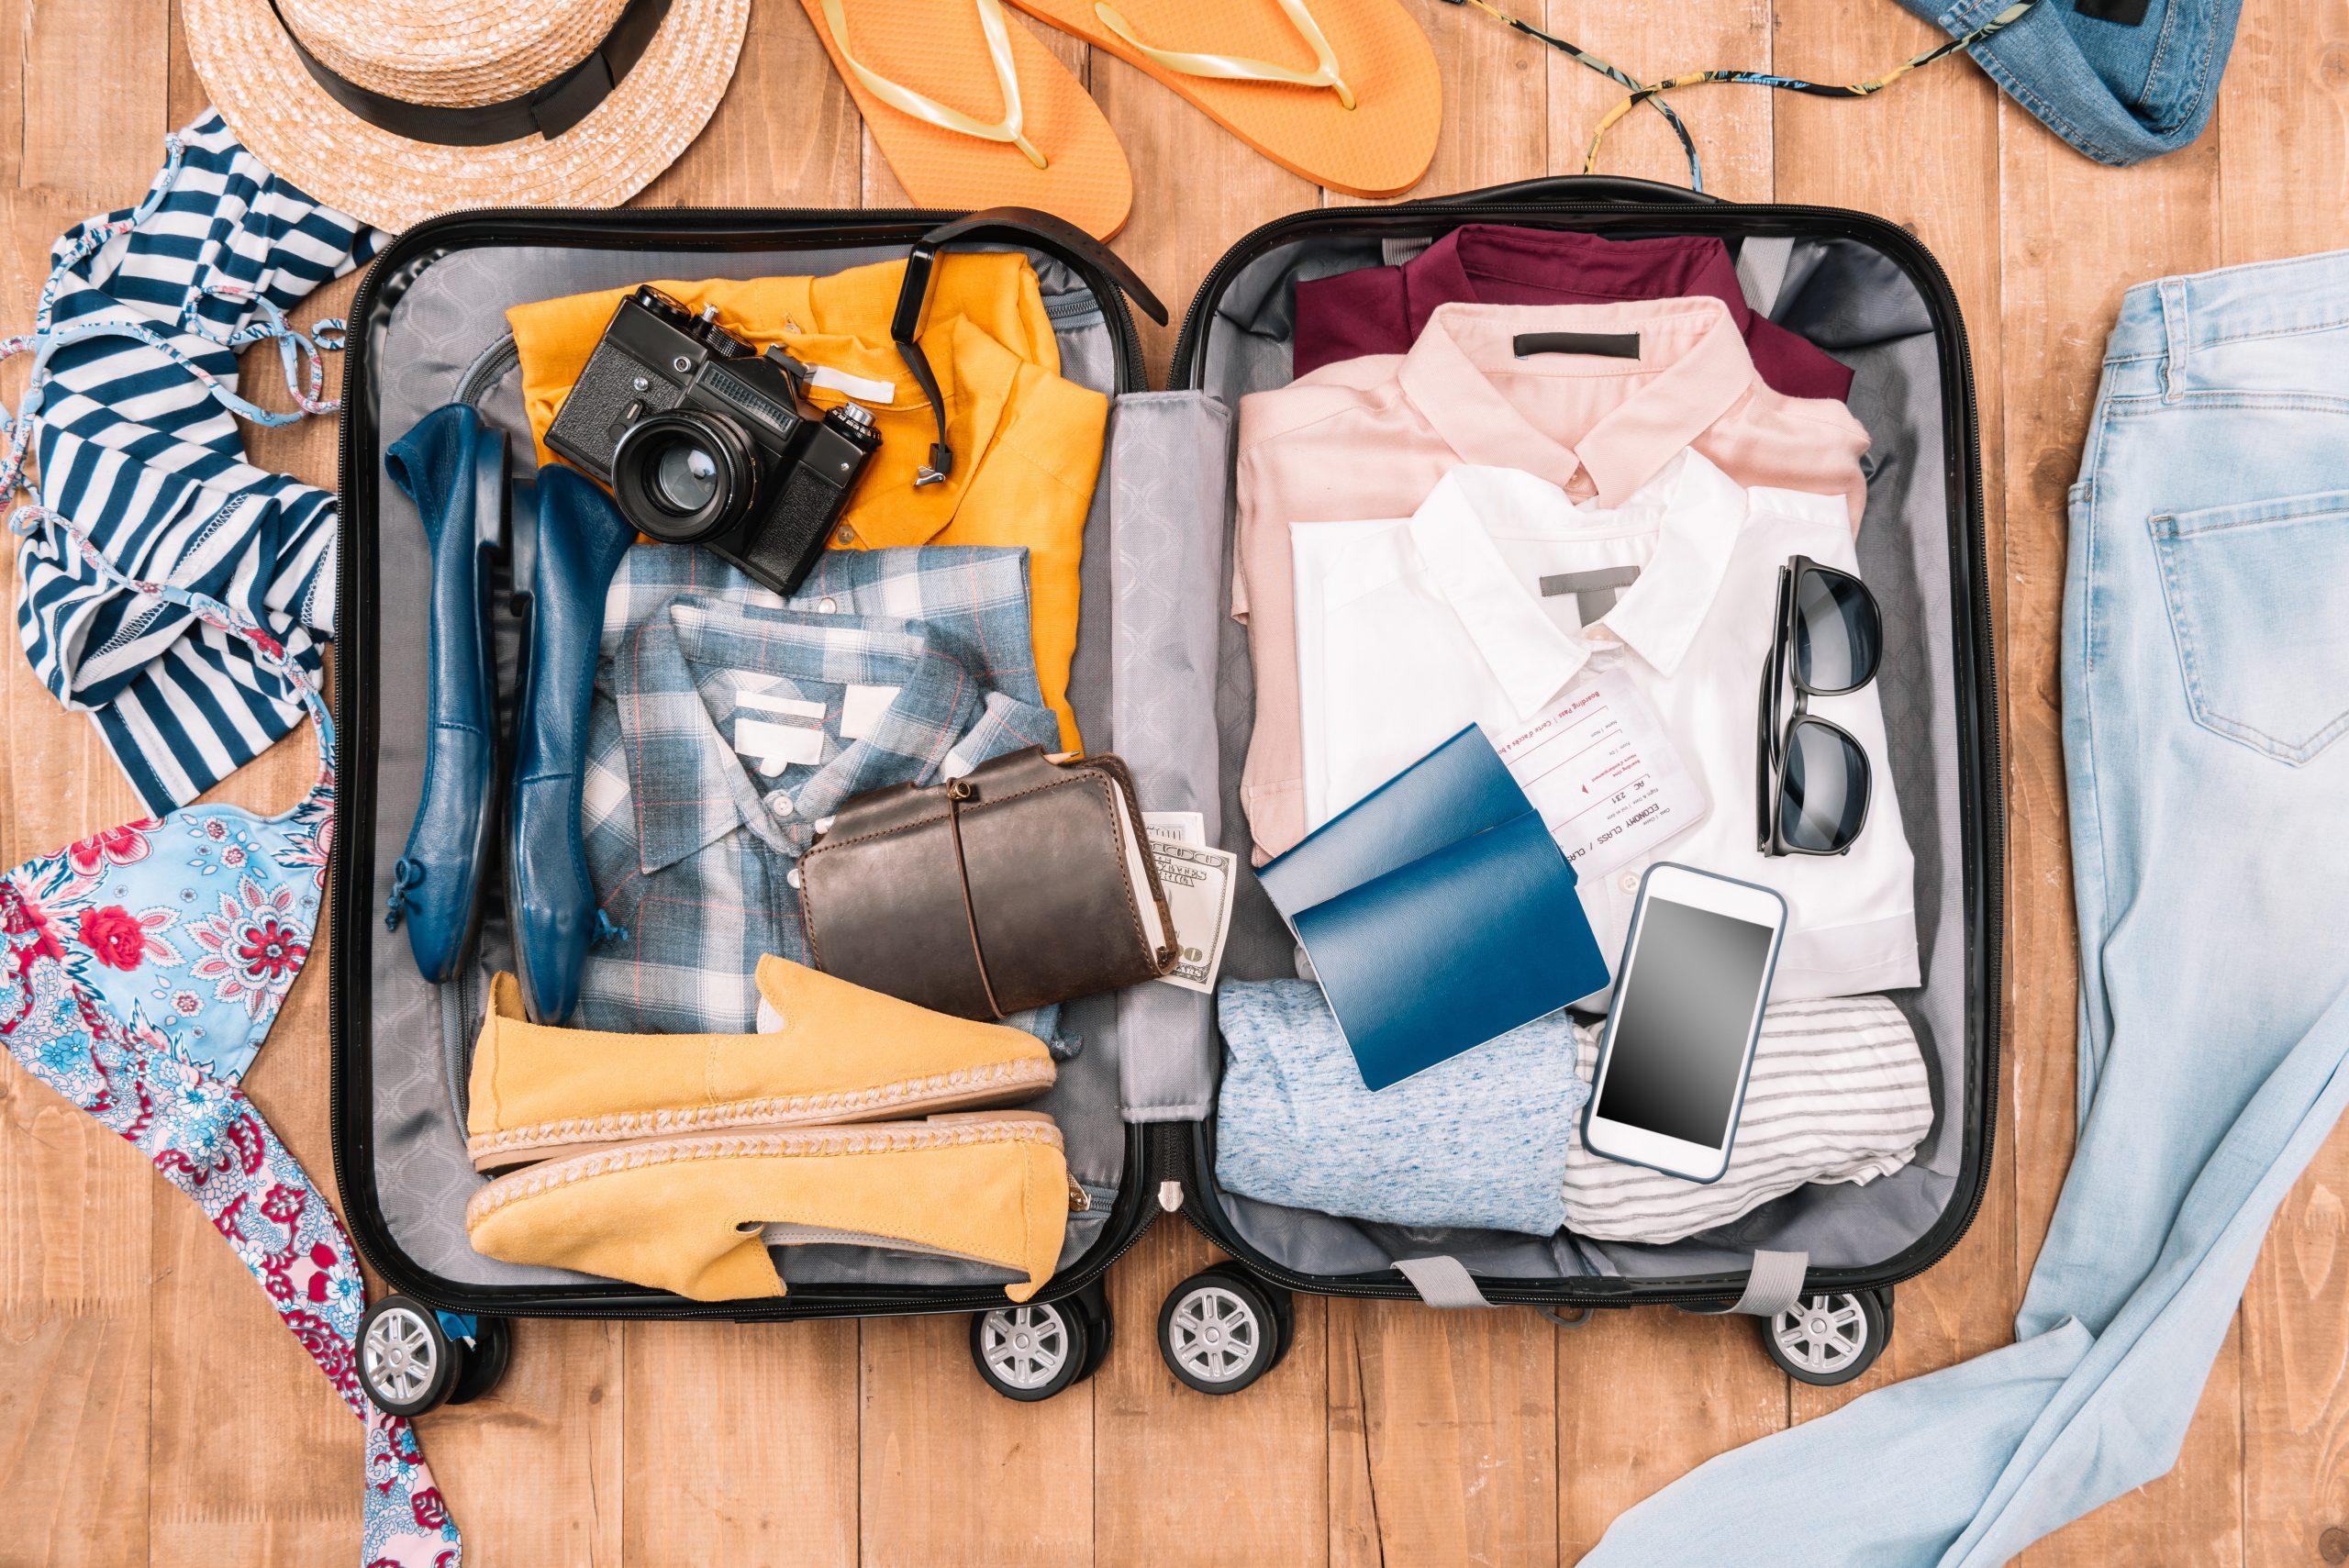 تعرف على أفضل الطرق لترتيب شنطة السفر